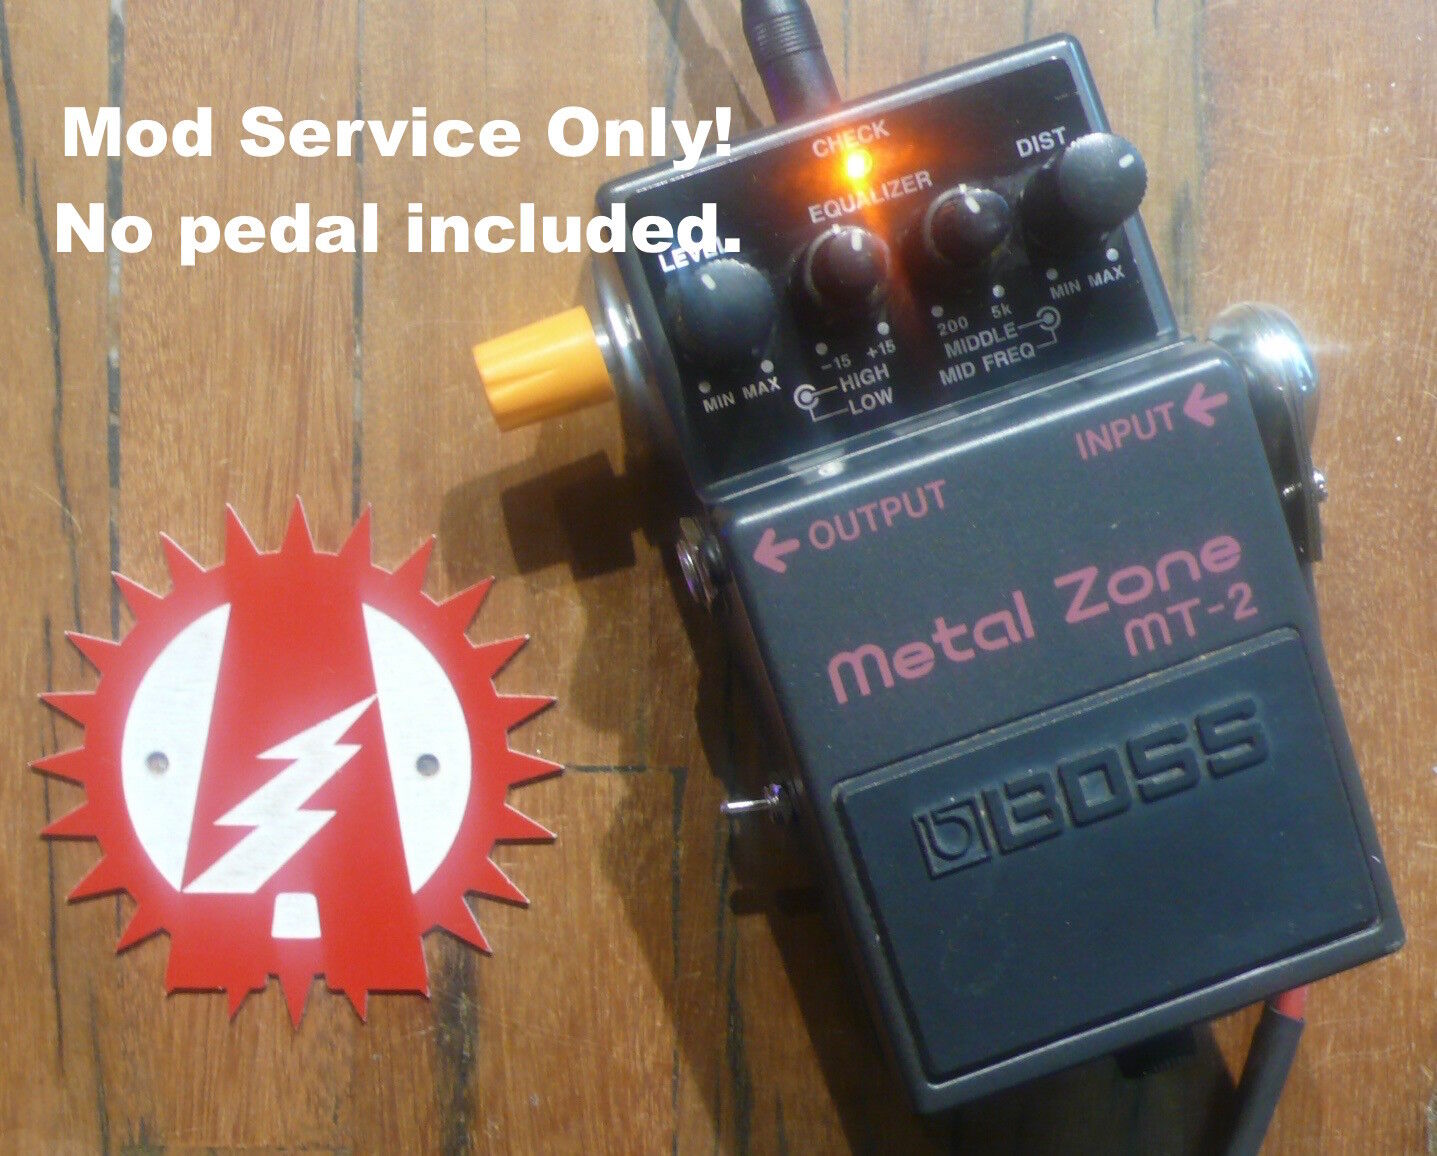 Servicio Mod solamente solamente solamente (no Pedal) Boss MT-2 METAL ZONE Distorsión Alquimia Audio  n ° 1 en línea